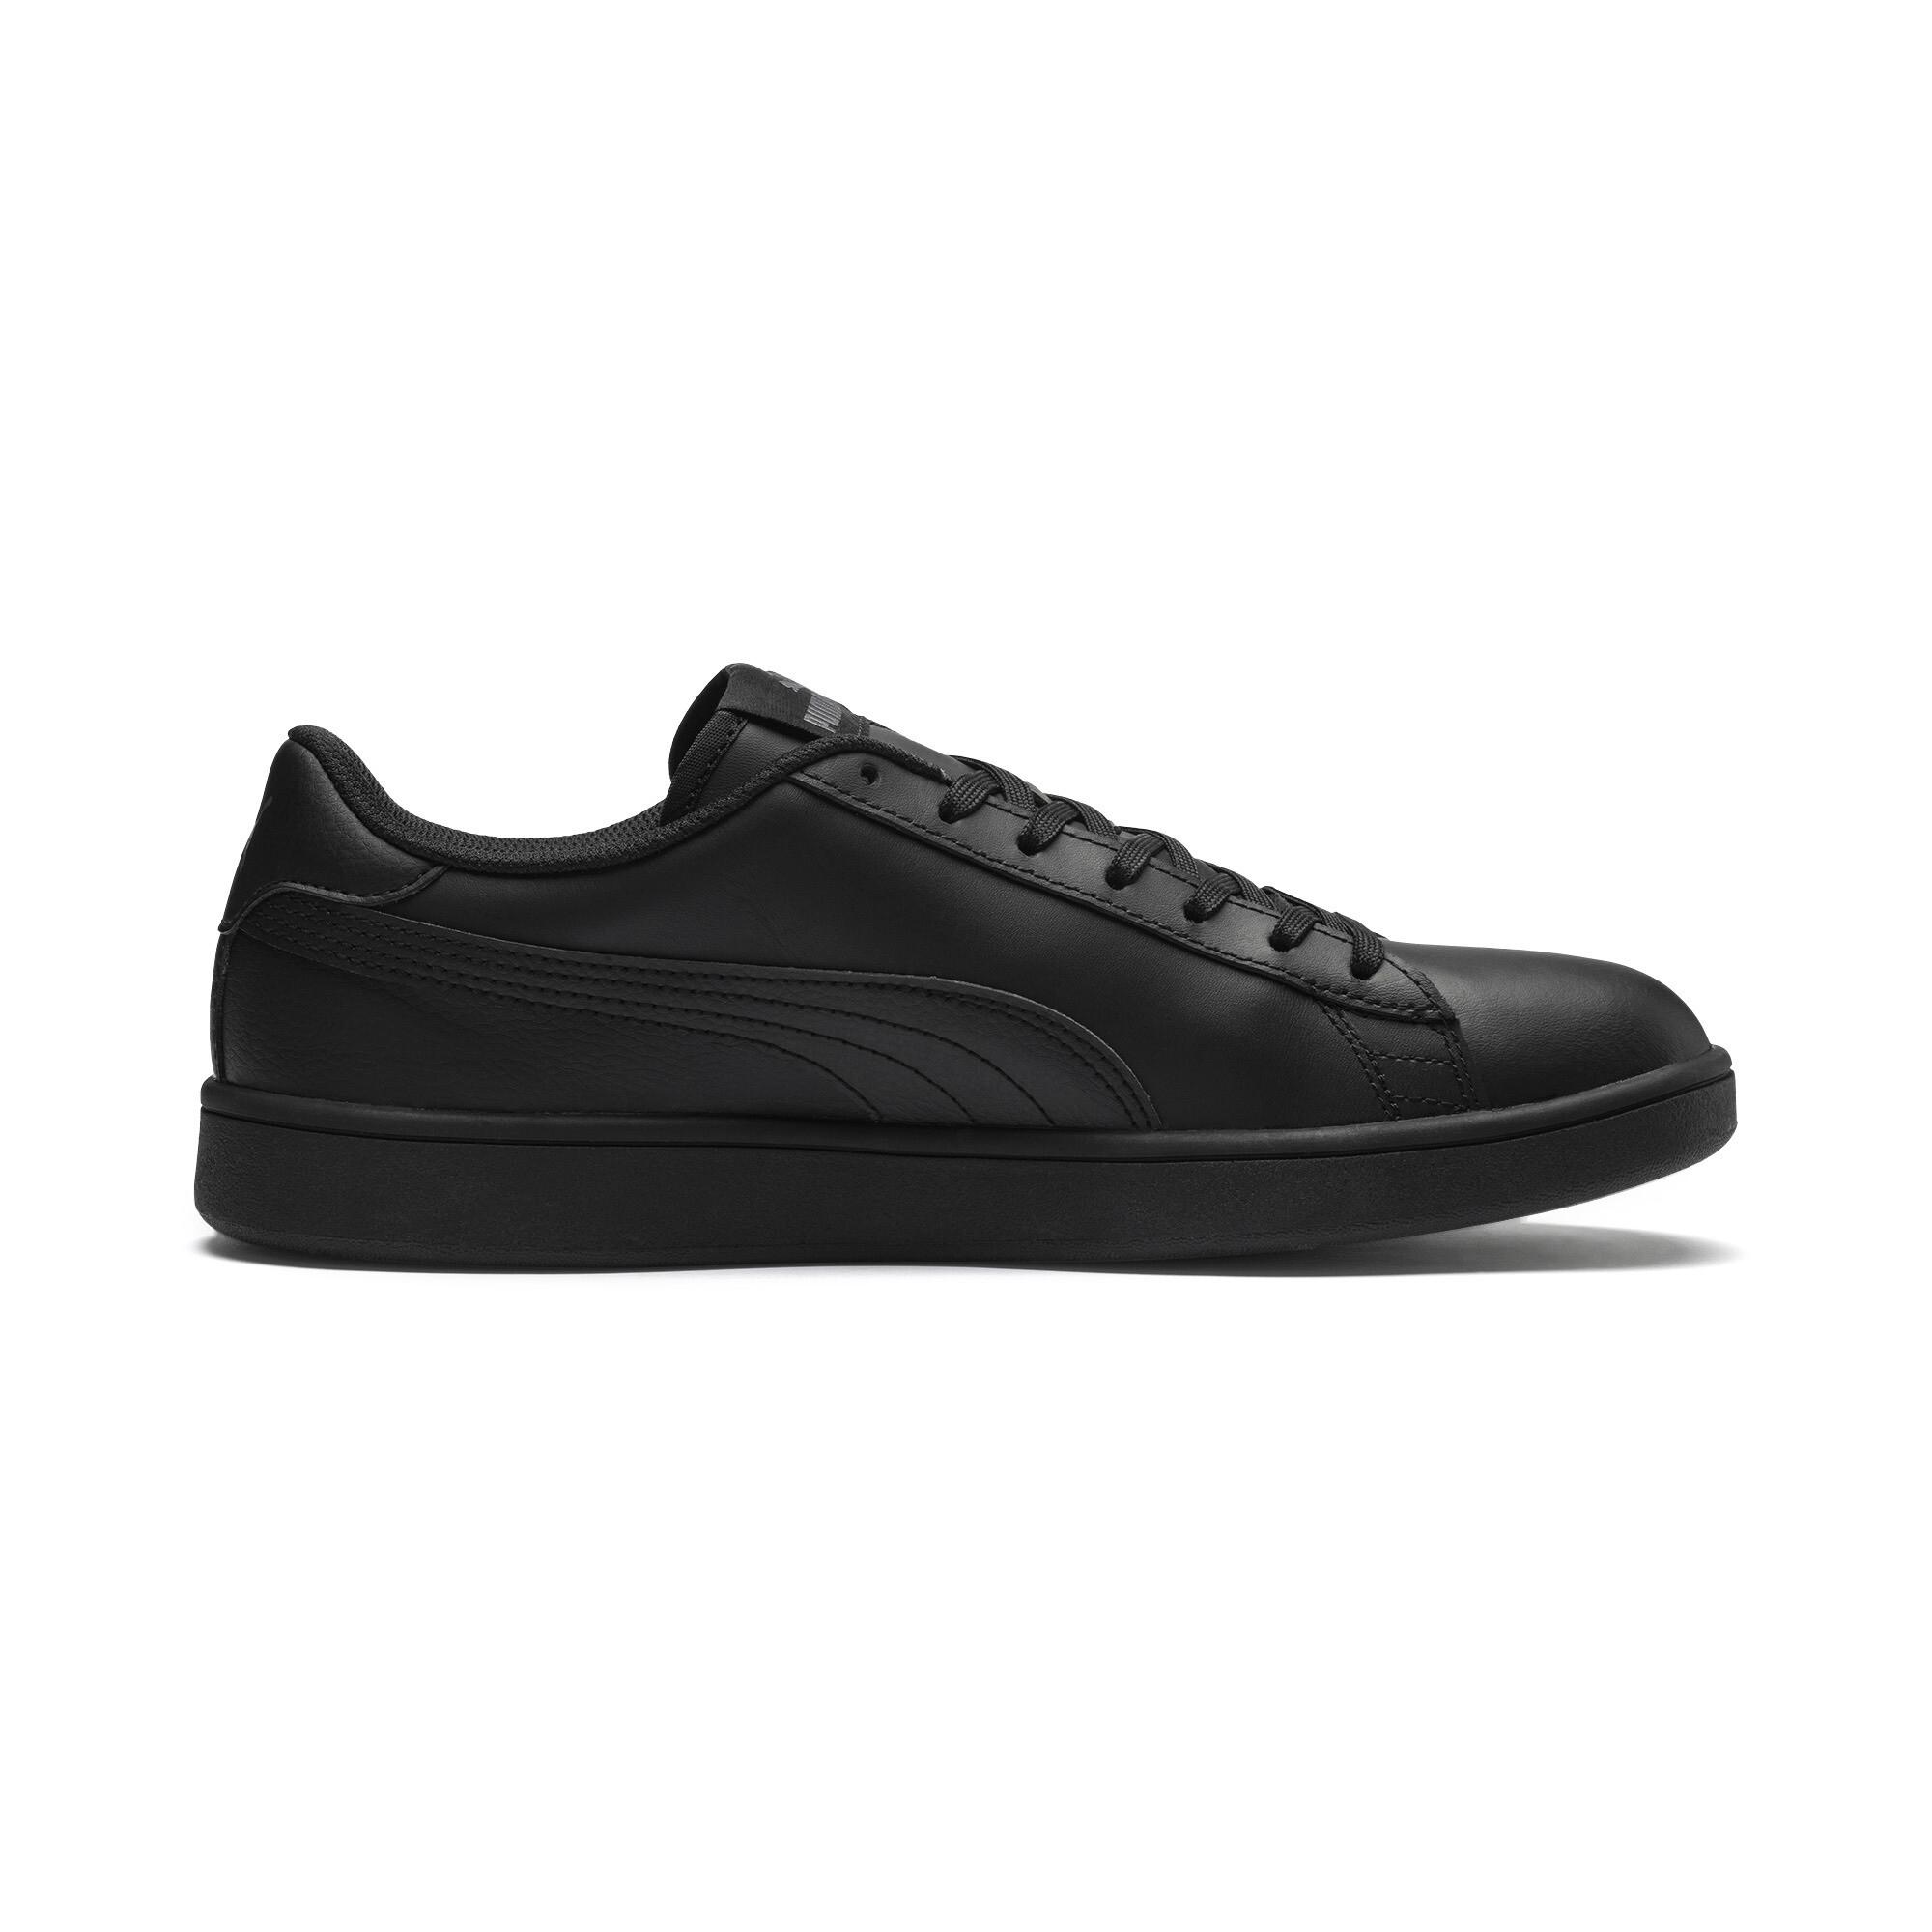 PUMA-PUMA-Smash-v2-Men-039-s-Sneakers-Men-Shoe-Basics thumbnail 26